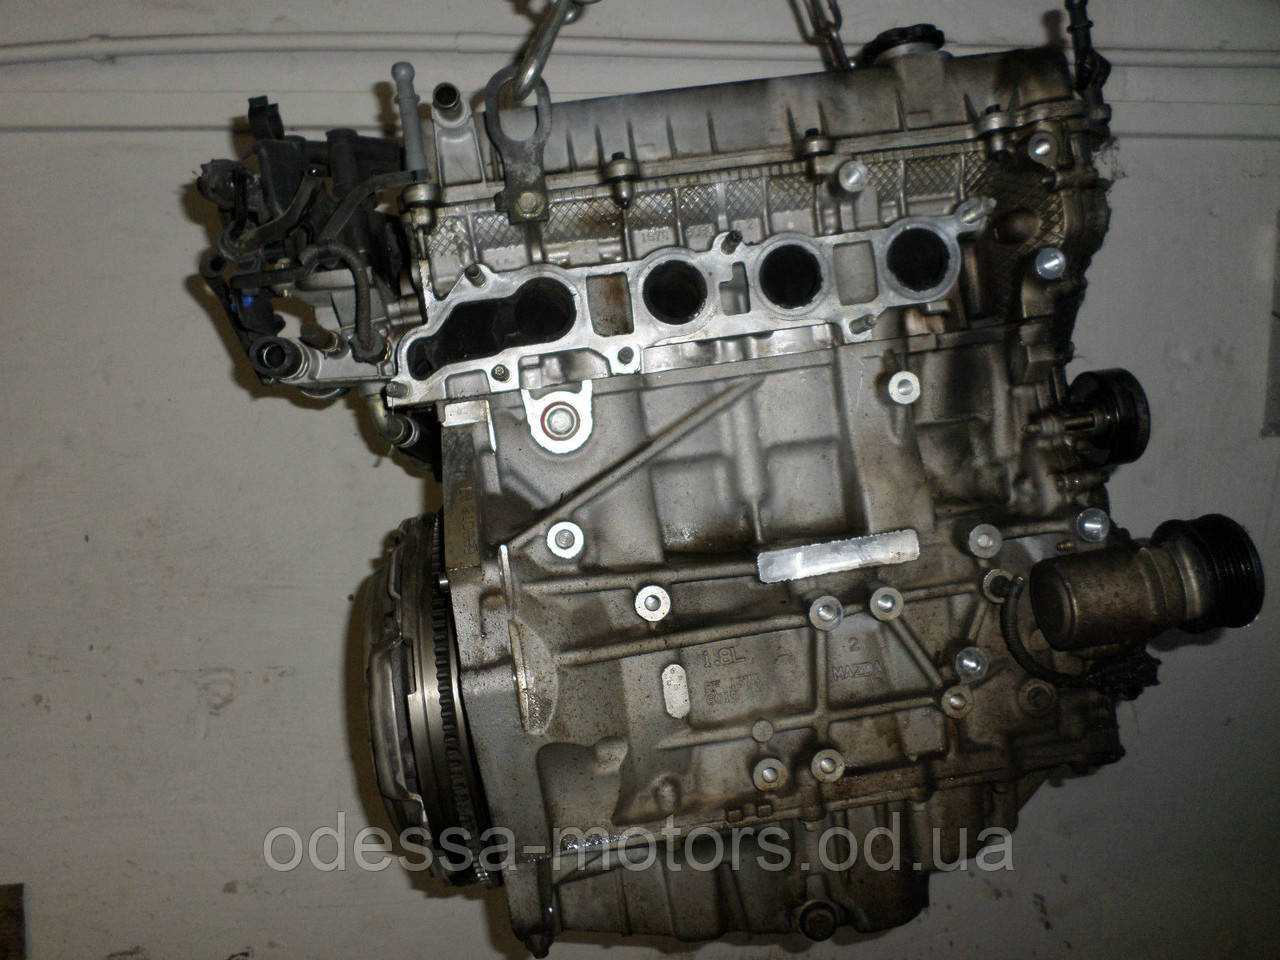 Двигатель Mazda 6 1.8 MZR, 2007-today тип мотора L813